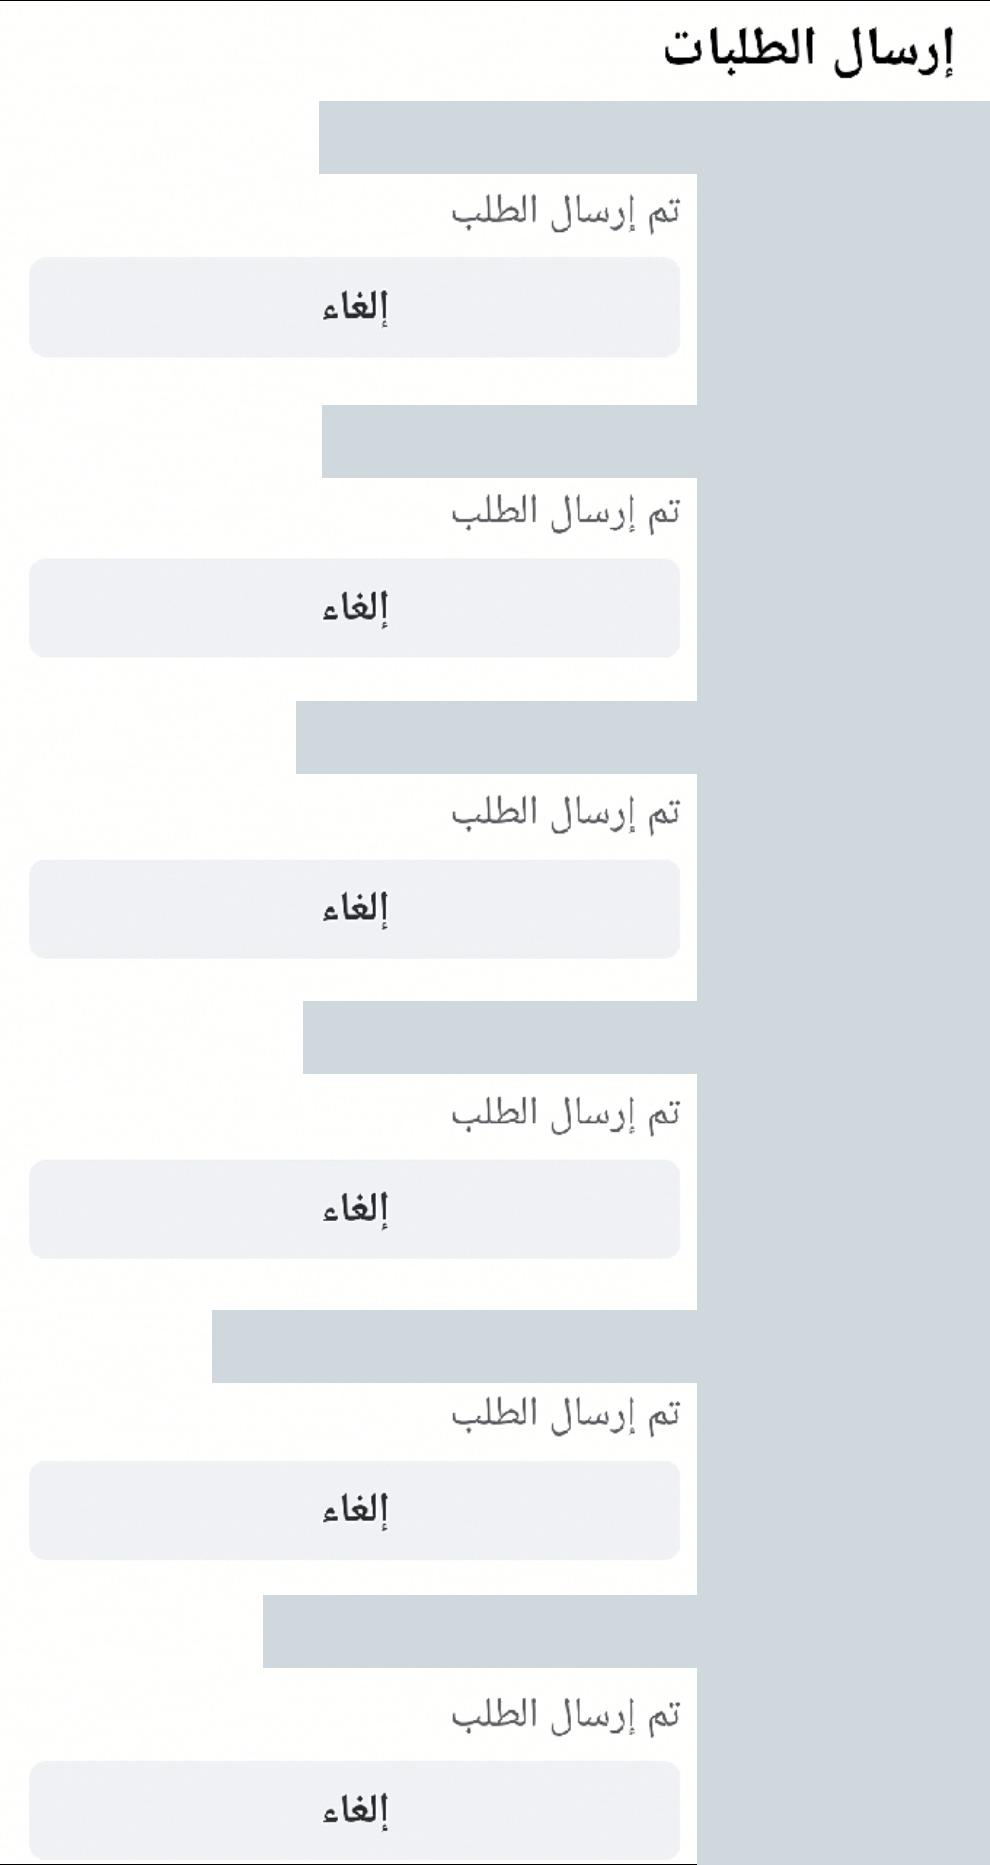 كيفية الغاء طلبات الصداقة التي أرسلتها ولم يتم قبولها